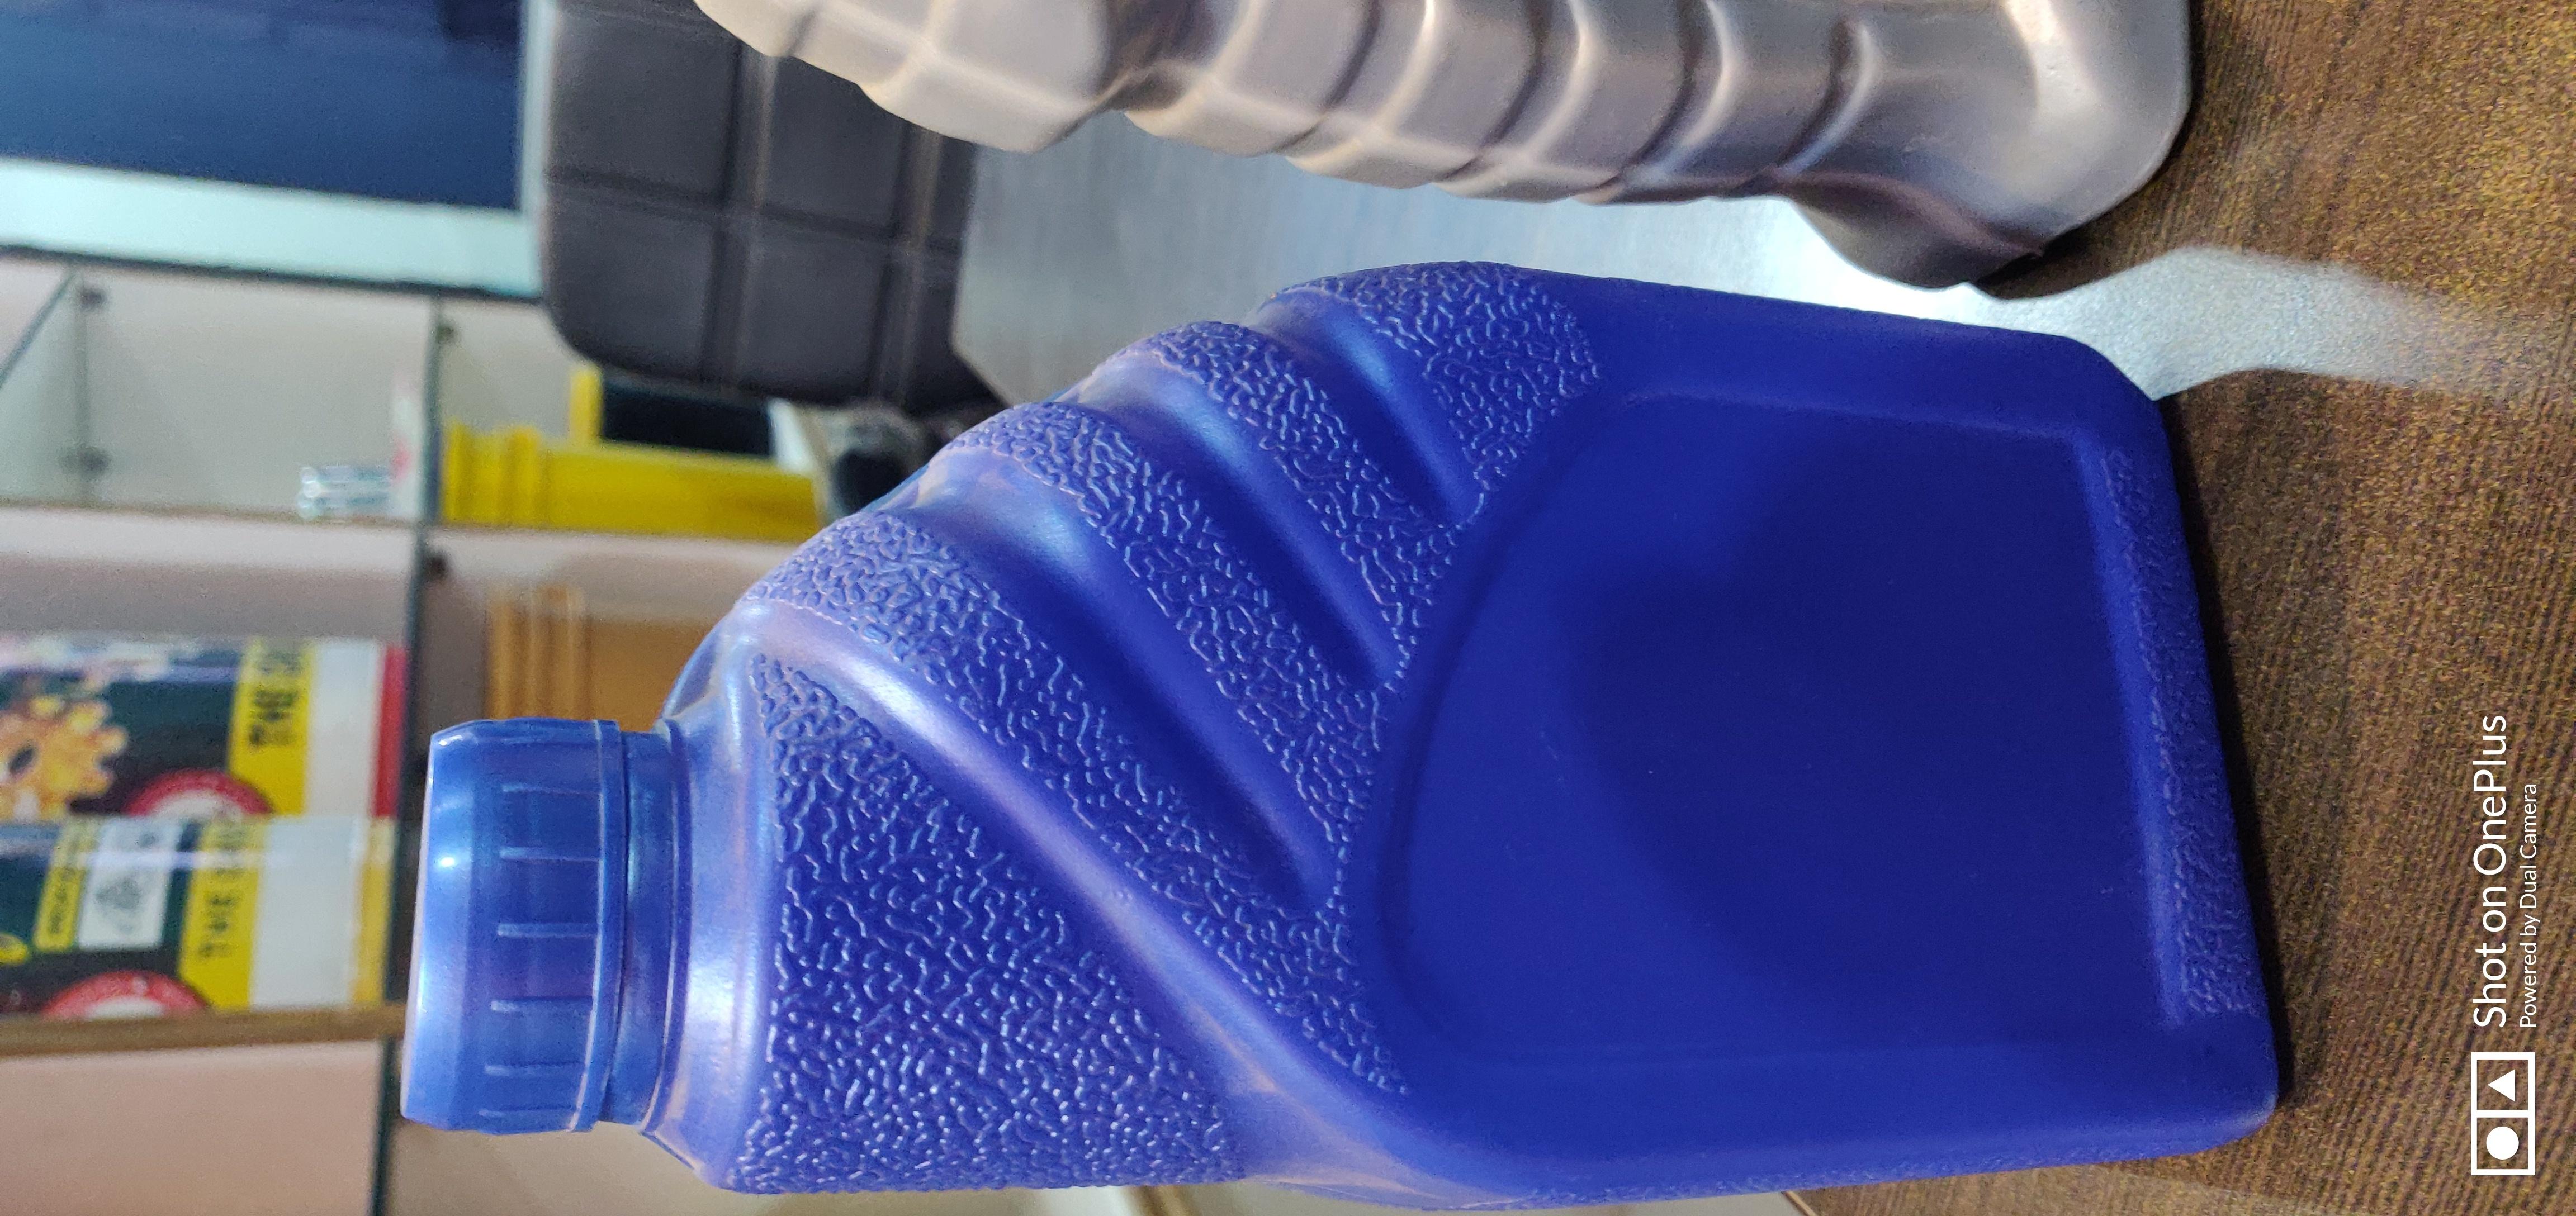 oil plastic